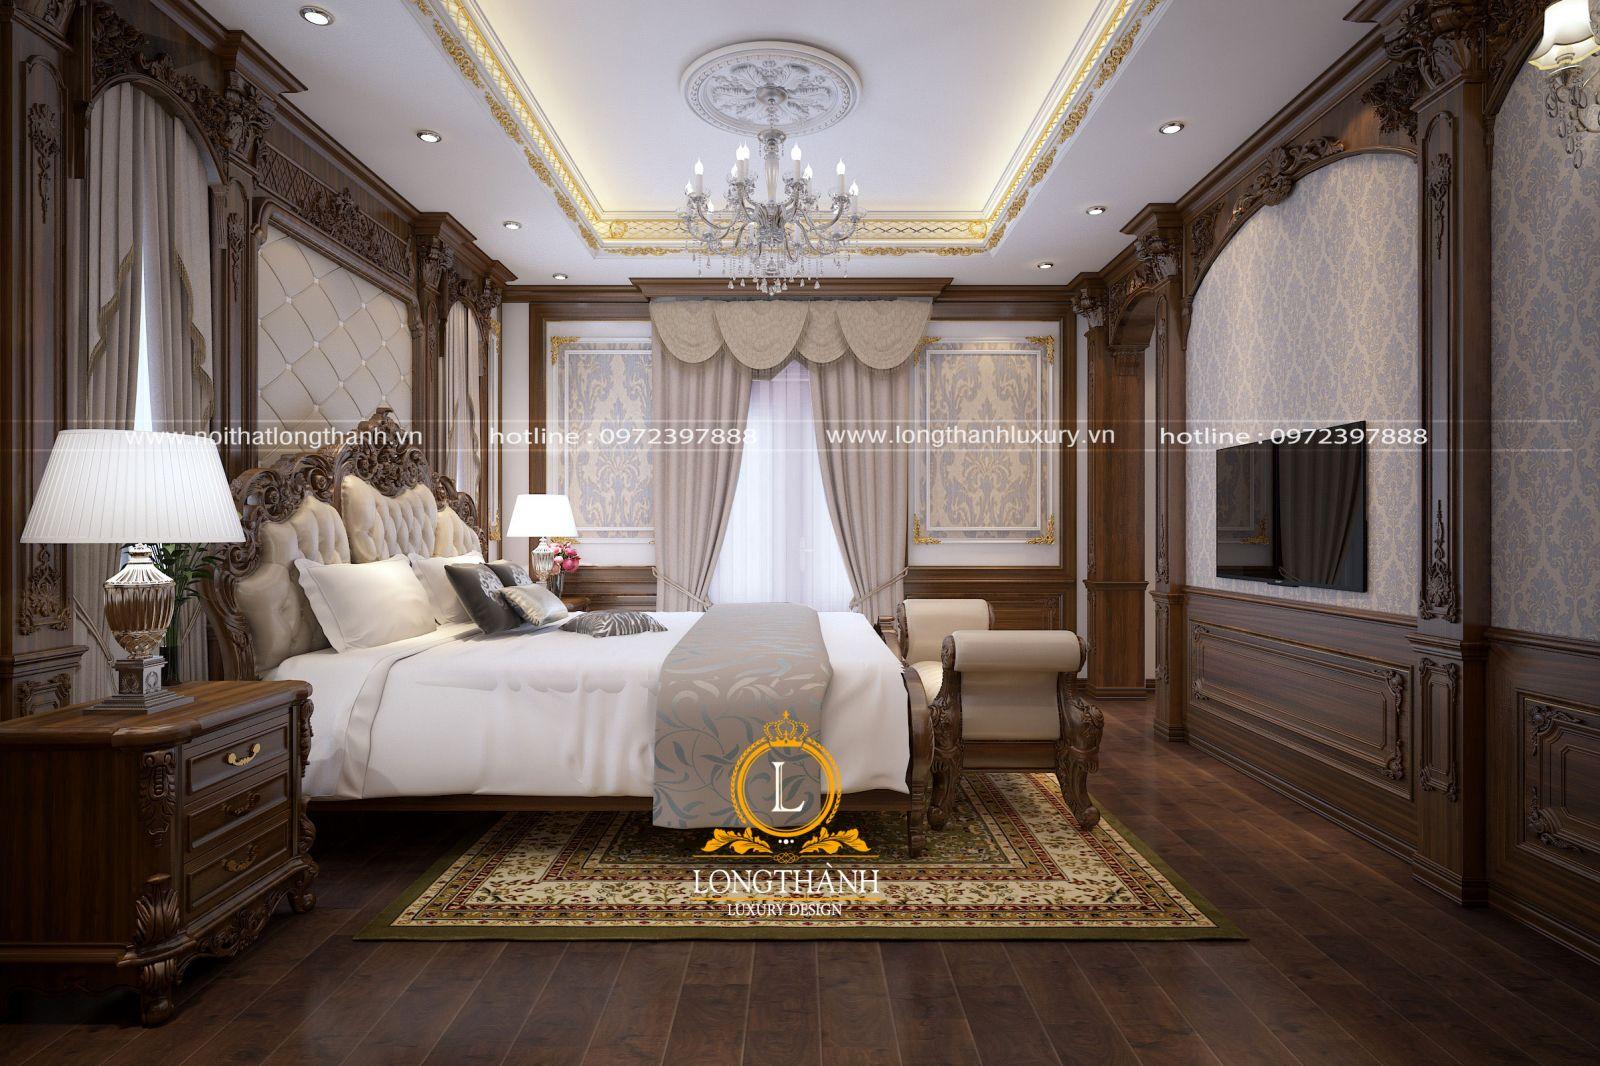 không gian phòng ngủ cao cấp cho biệt thự được lựa chọn đồ nội thất và bố trí không gian khoa học mà tiện nghi